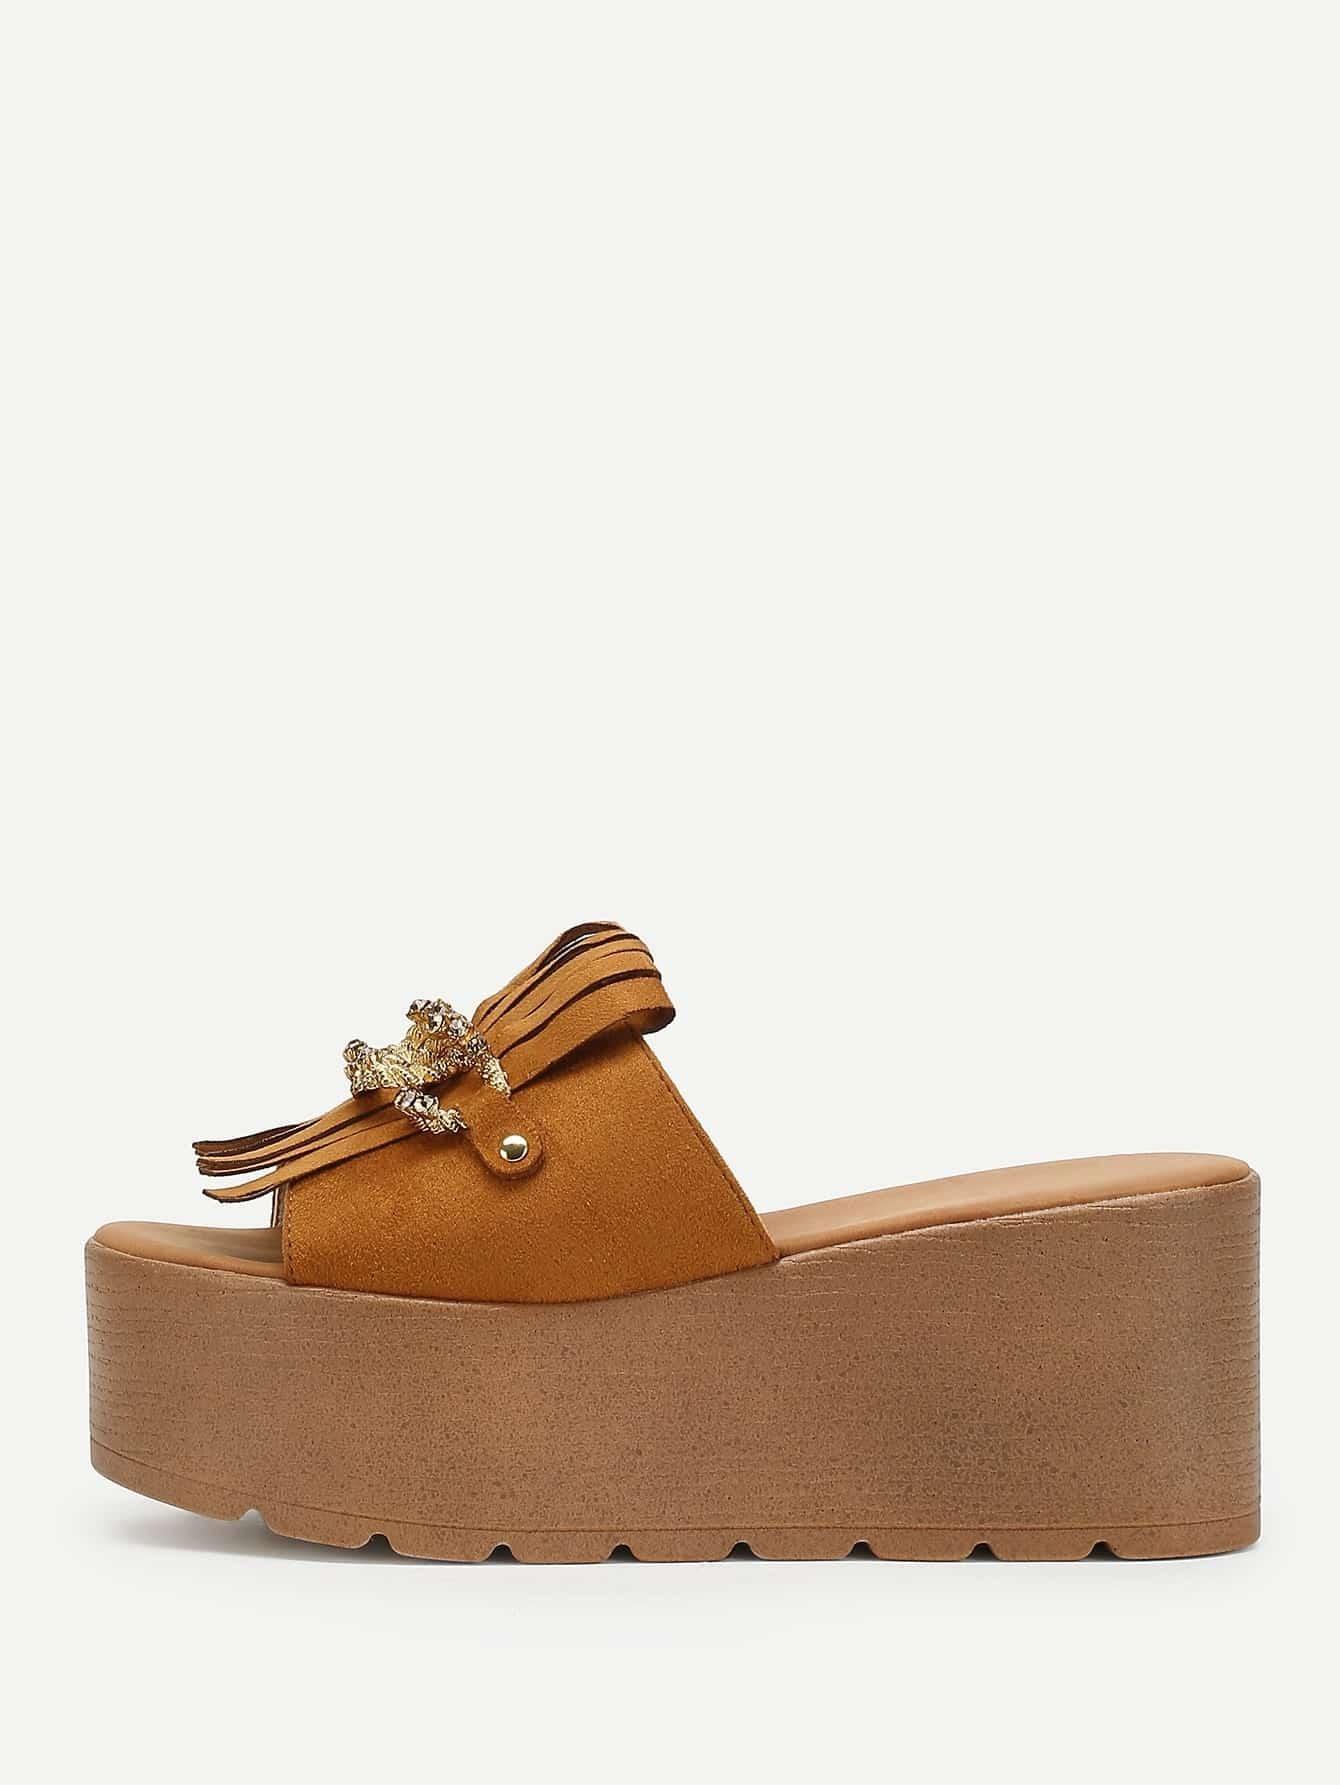 Tassel & Chain Design Wedge Sandals